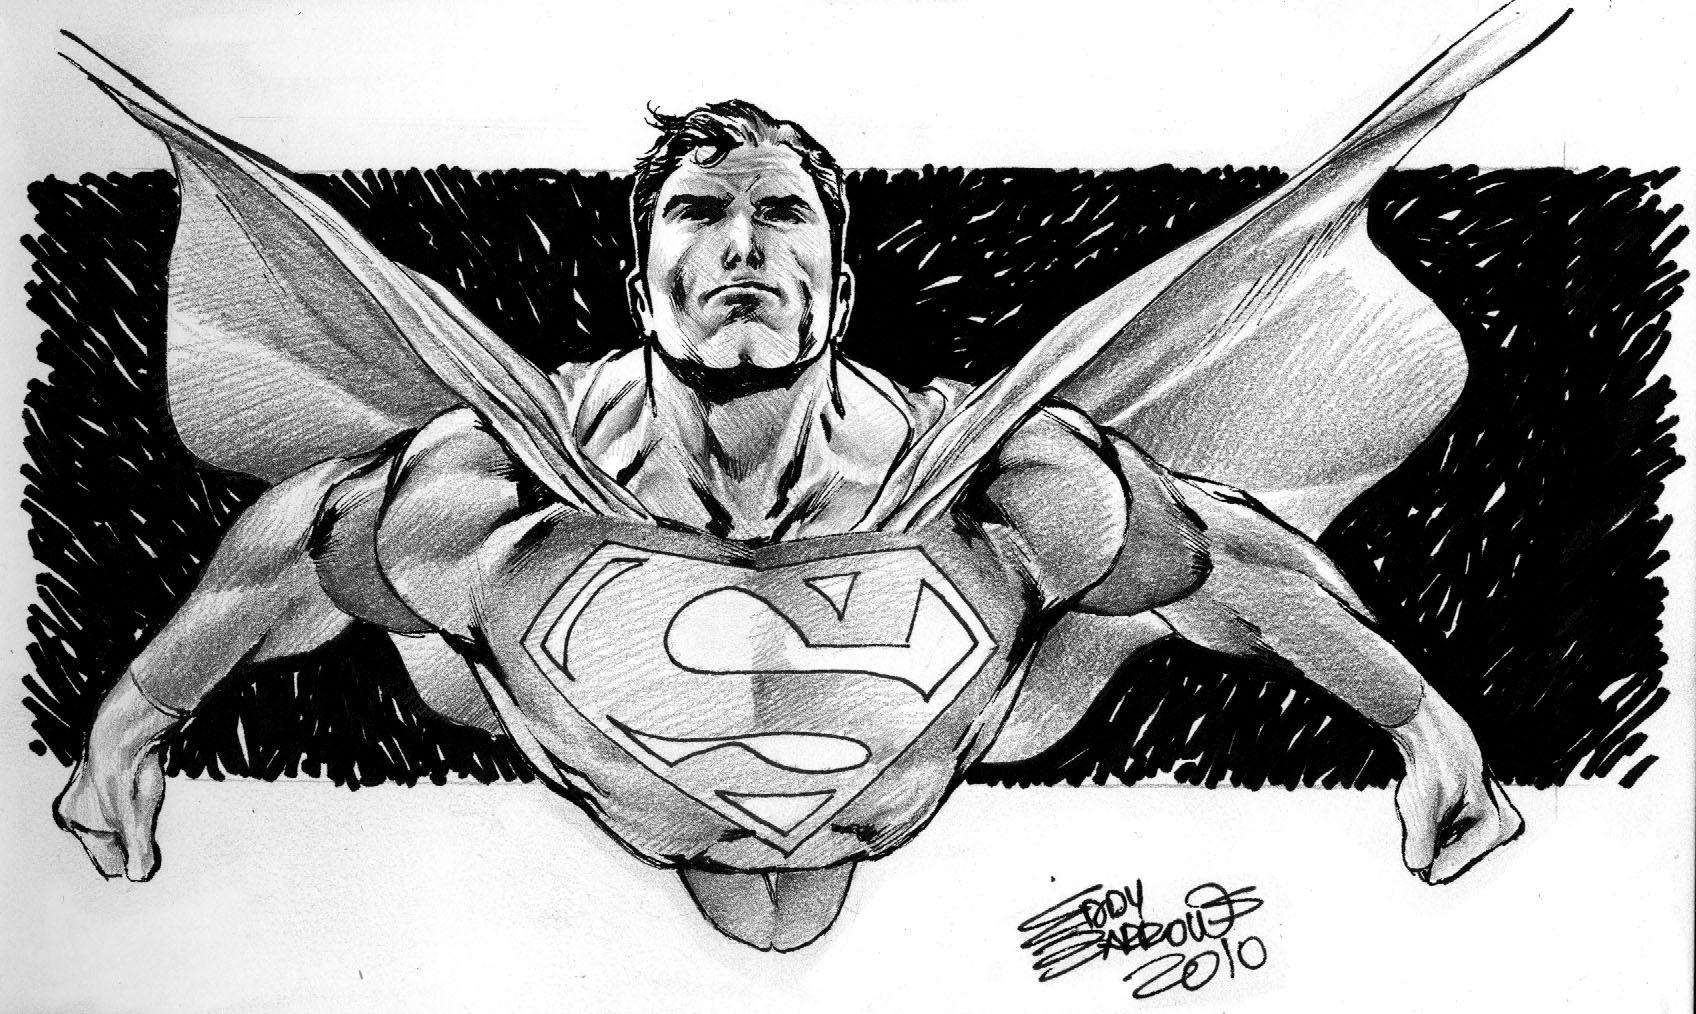 Supermans Sketch By Eddybarrows On DeviantArt